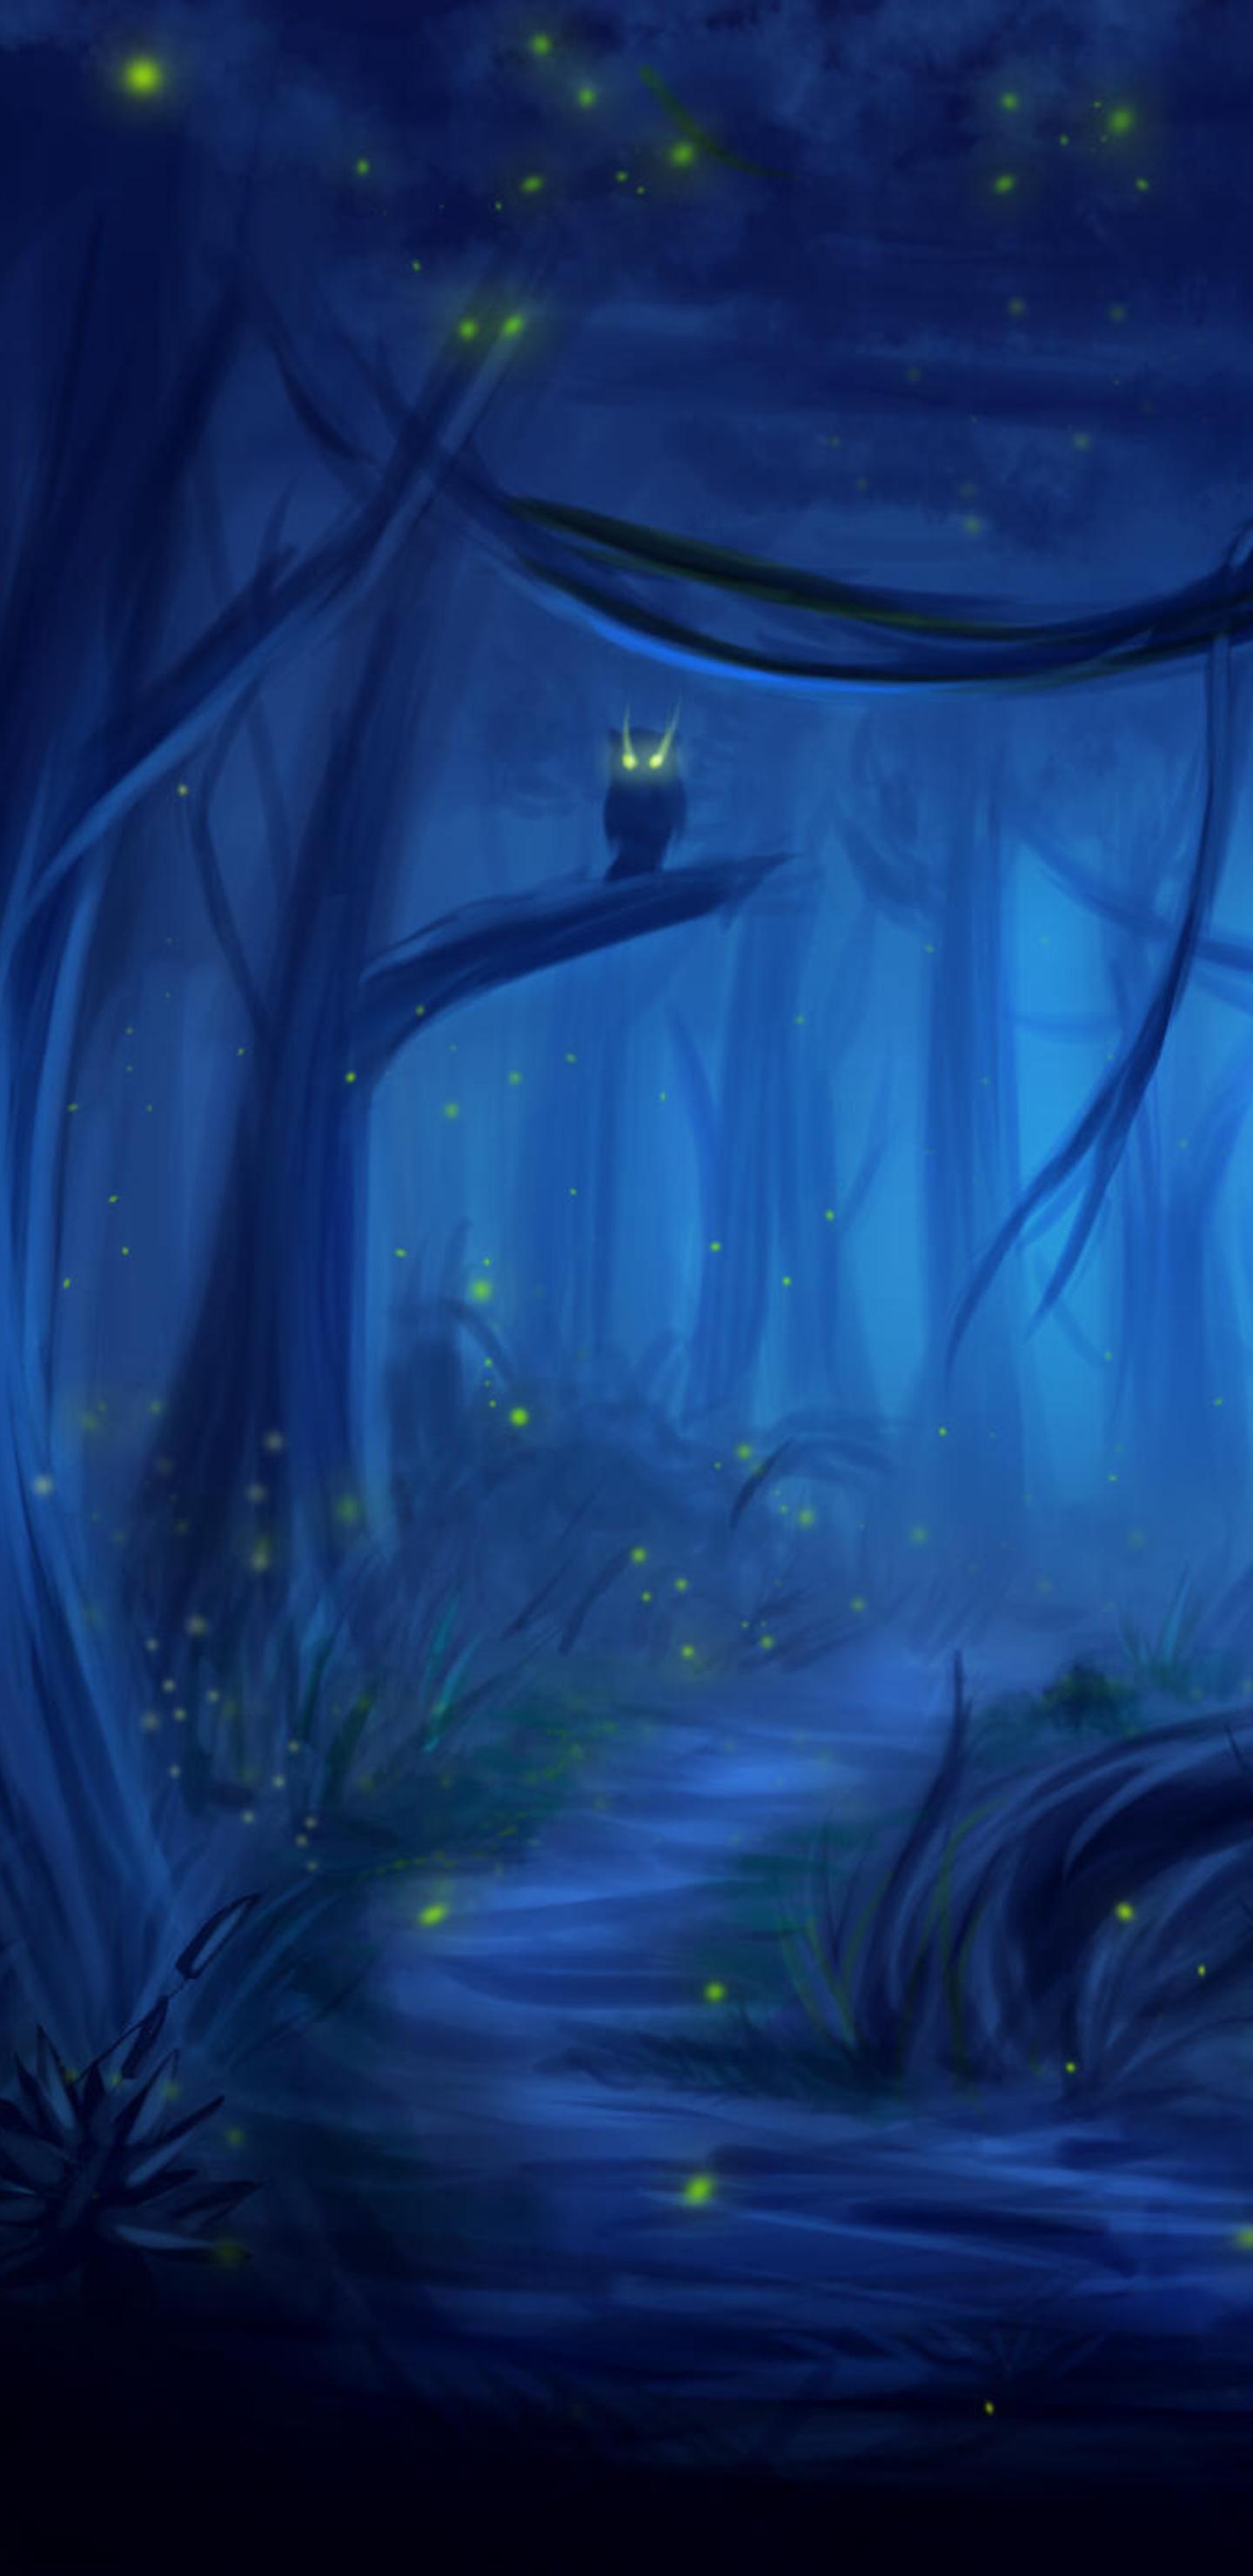 owl-forest-fantasy-dreamy-ee.jpg